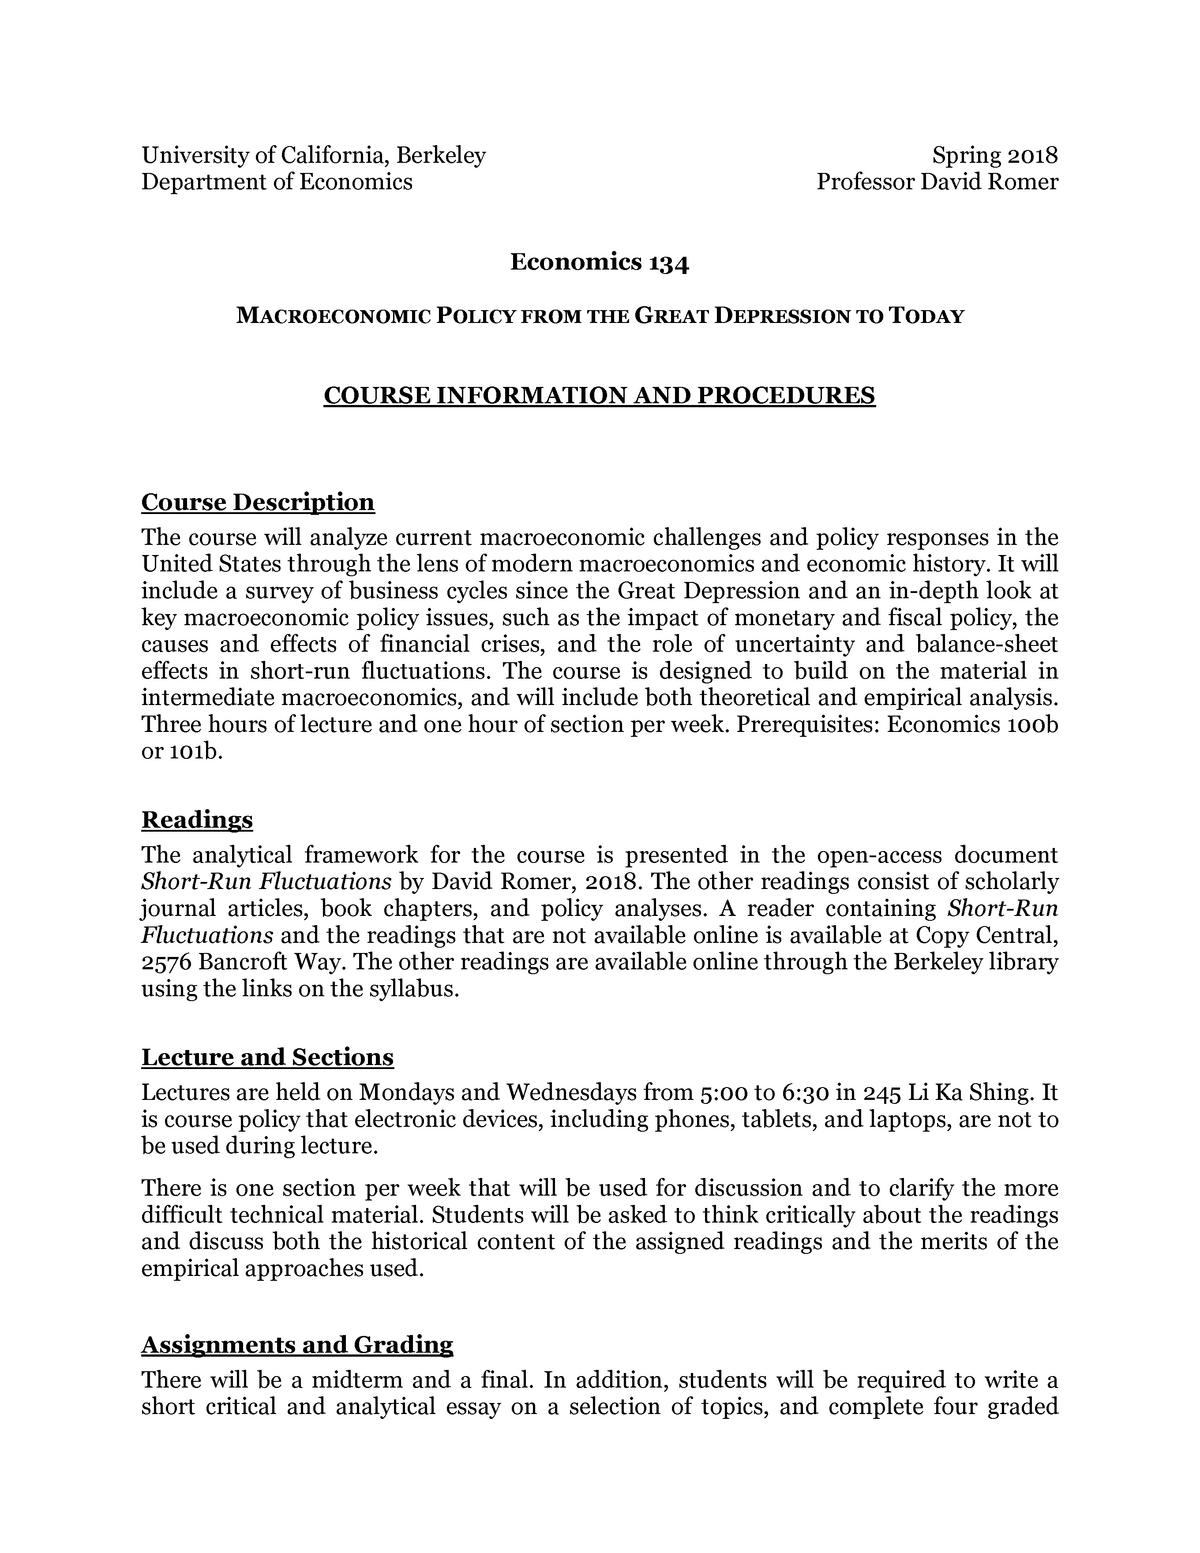 Economics 134 Syllabus - ECON 134: Macroeconomic Policy From